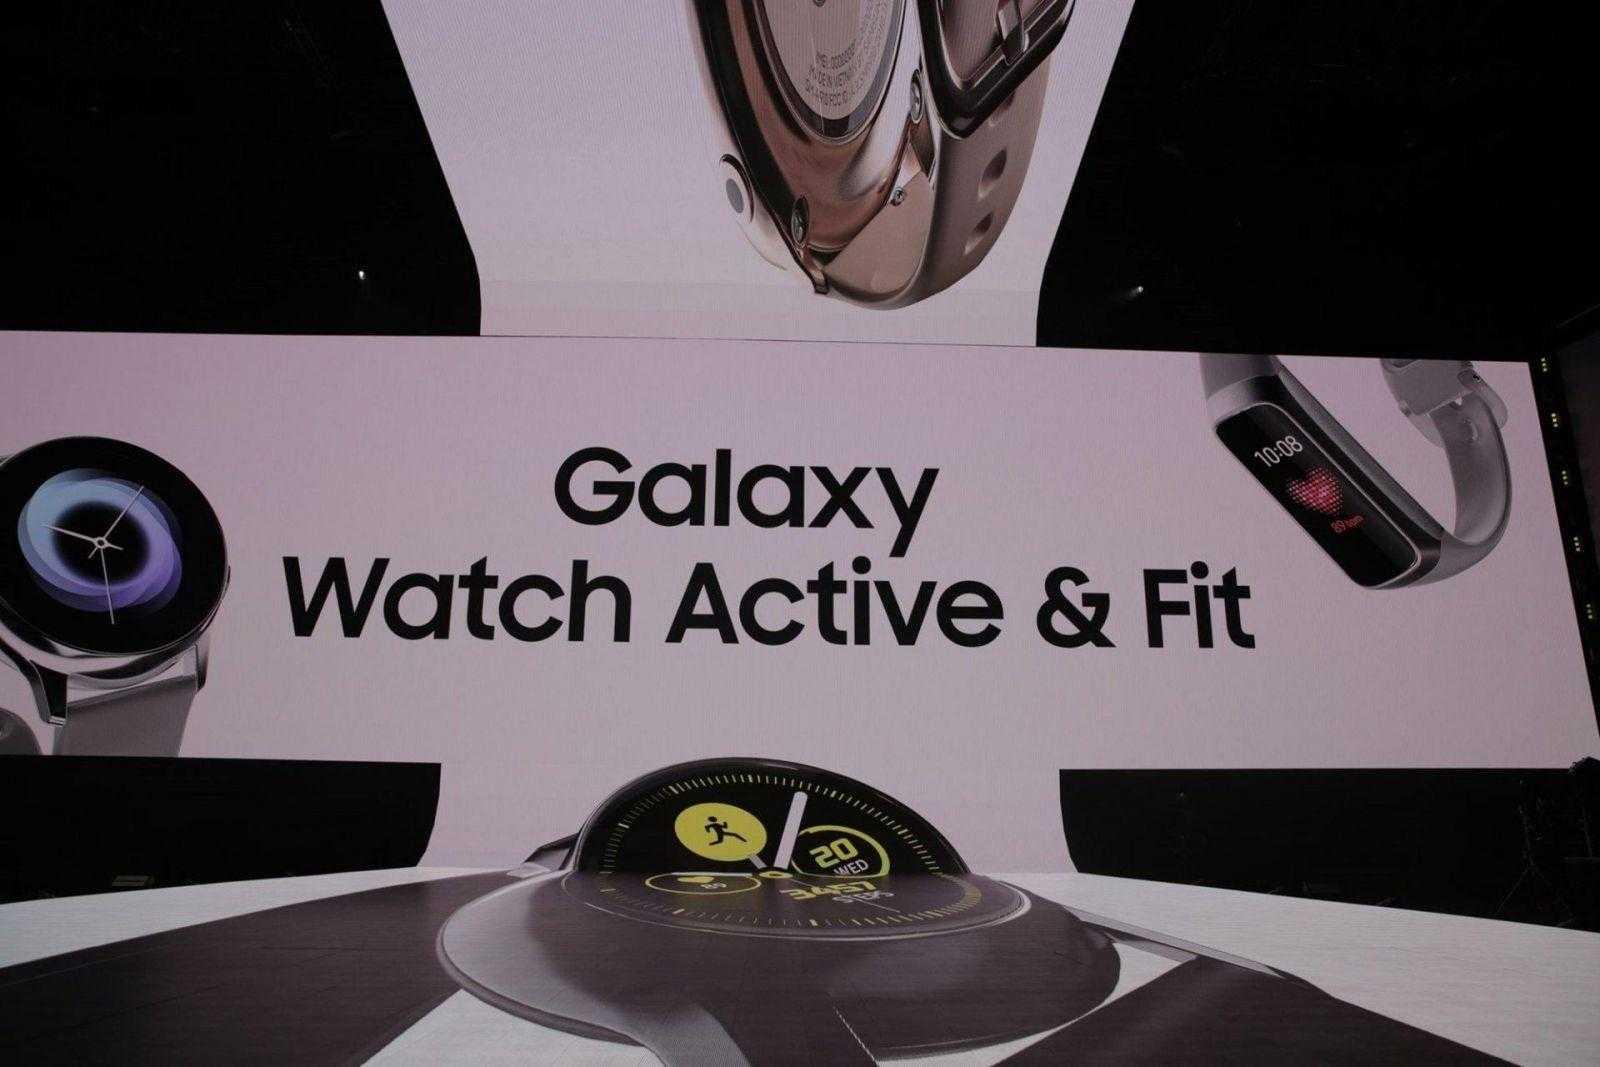 Samsung Galaxy Watch Active выпущены официально (lcimg 595a3eea 8477 483f ad9e b285ce01426b)